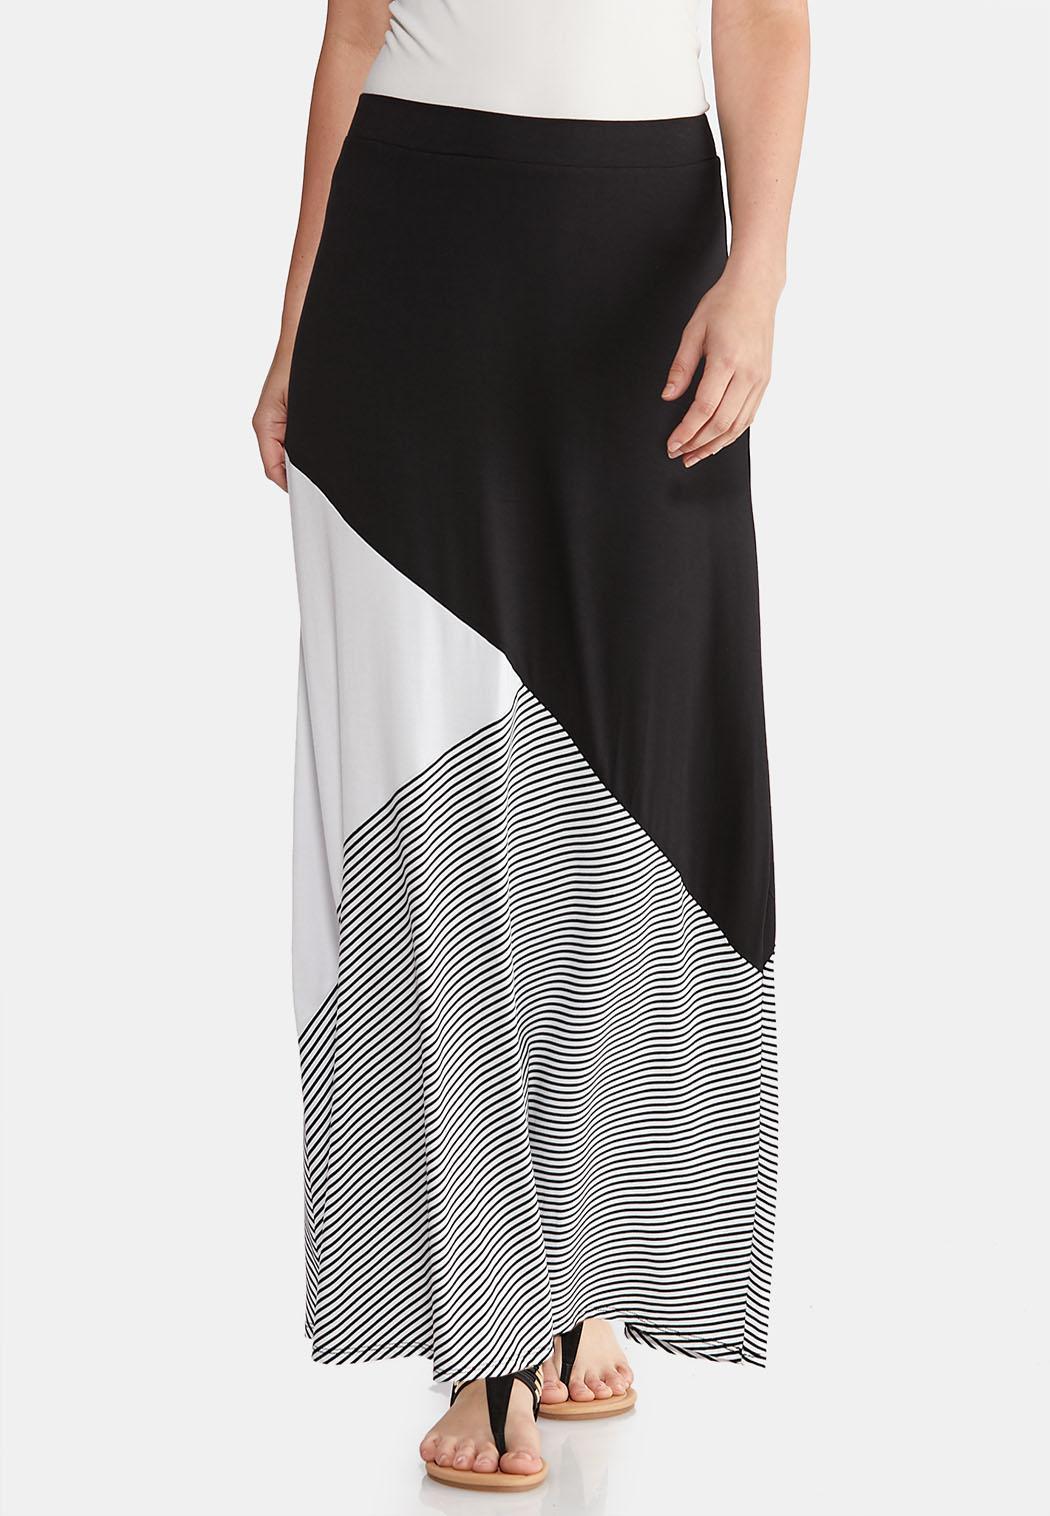 Colorblock Maxi Skirt